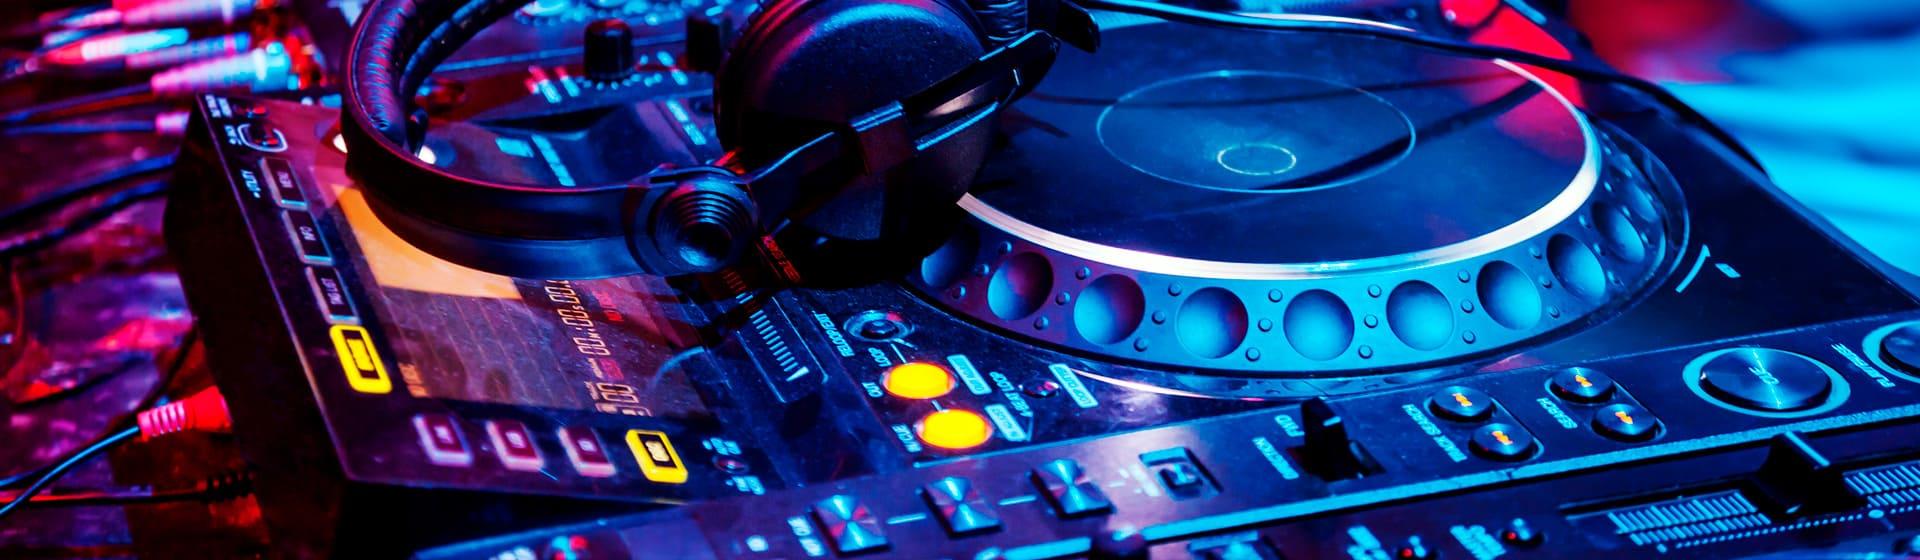 DJ - Мерч и одежда с атрибутикой